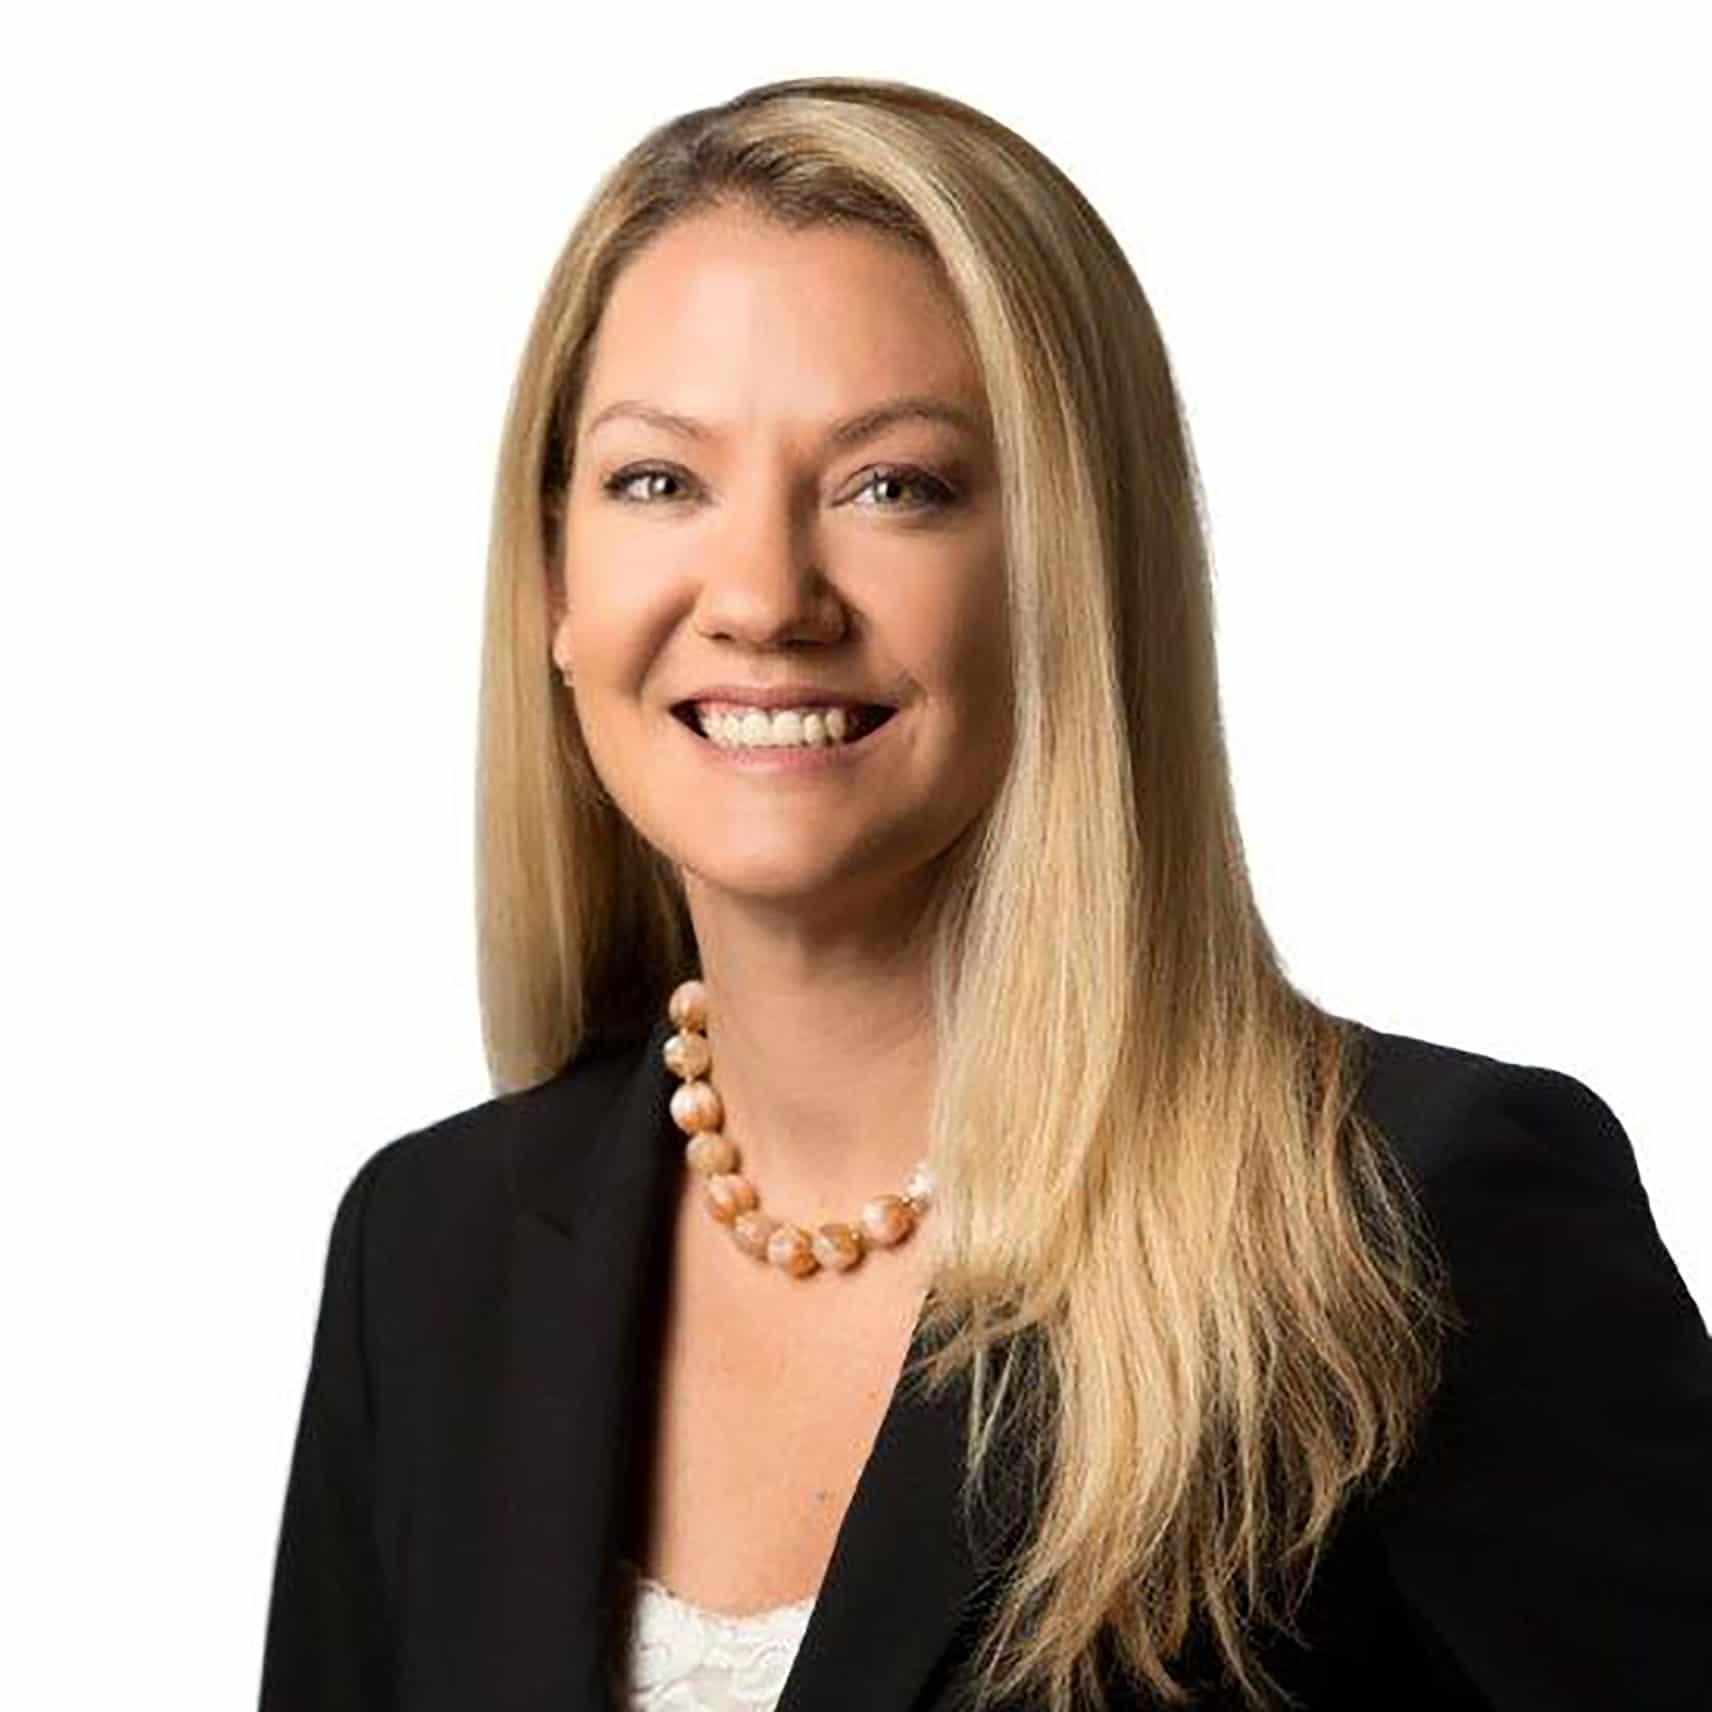 Melynda McConnell